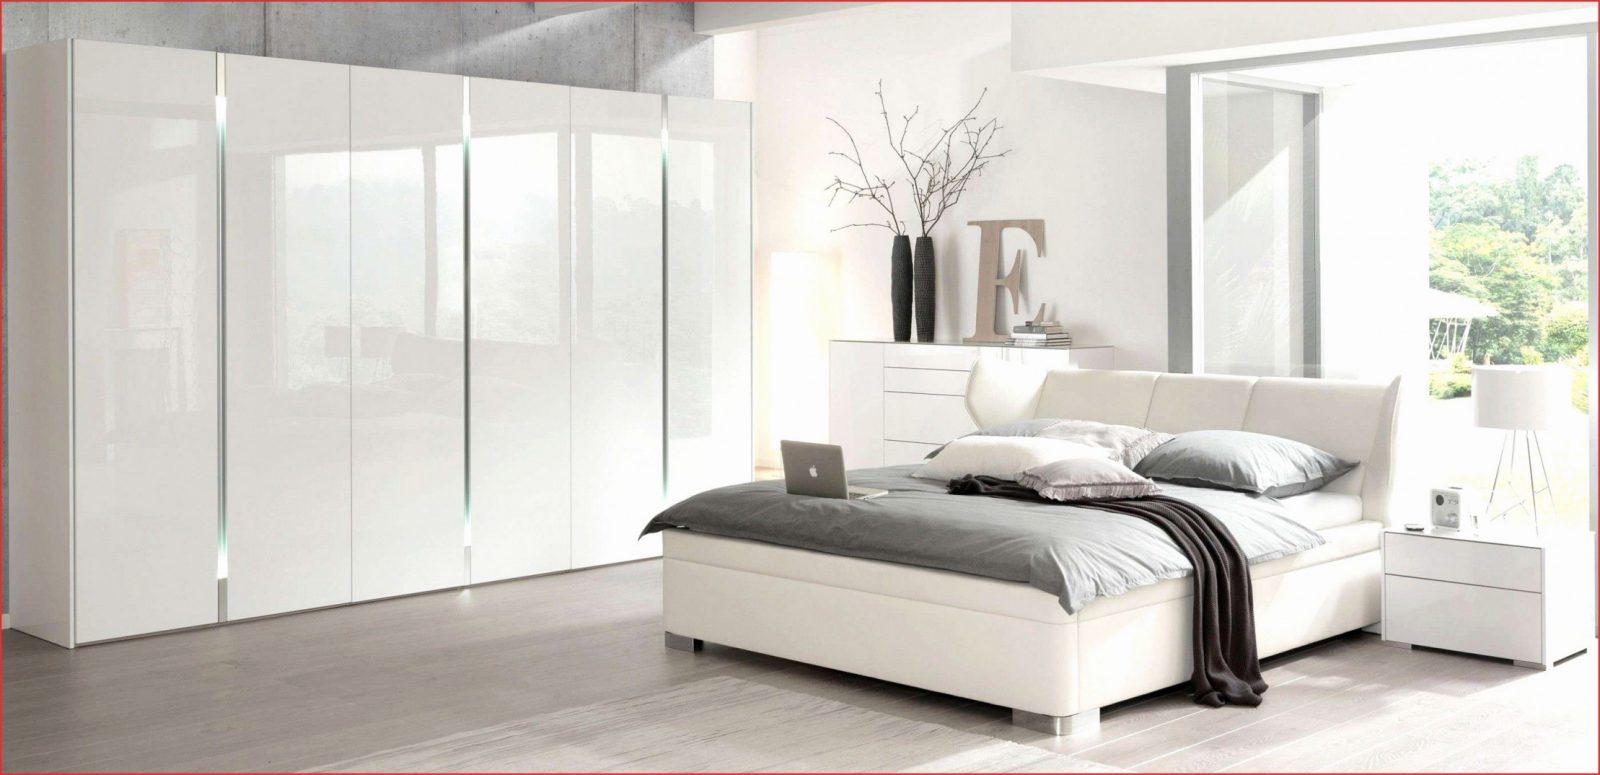 21 Luxus Schlafzimmer Einrichten Beispiele Sammlung von Ideen Schlafzimmer Einrichten Photo